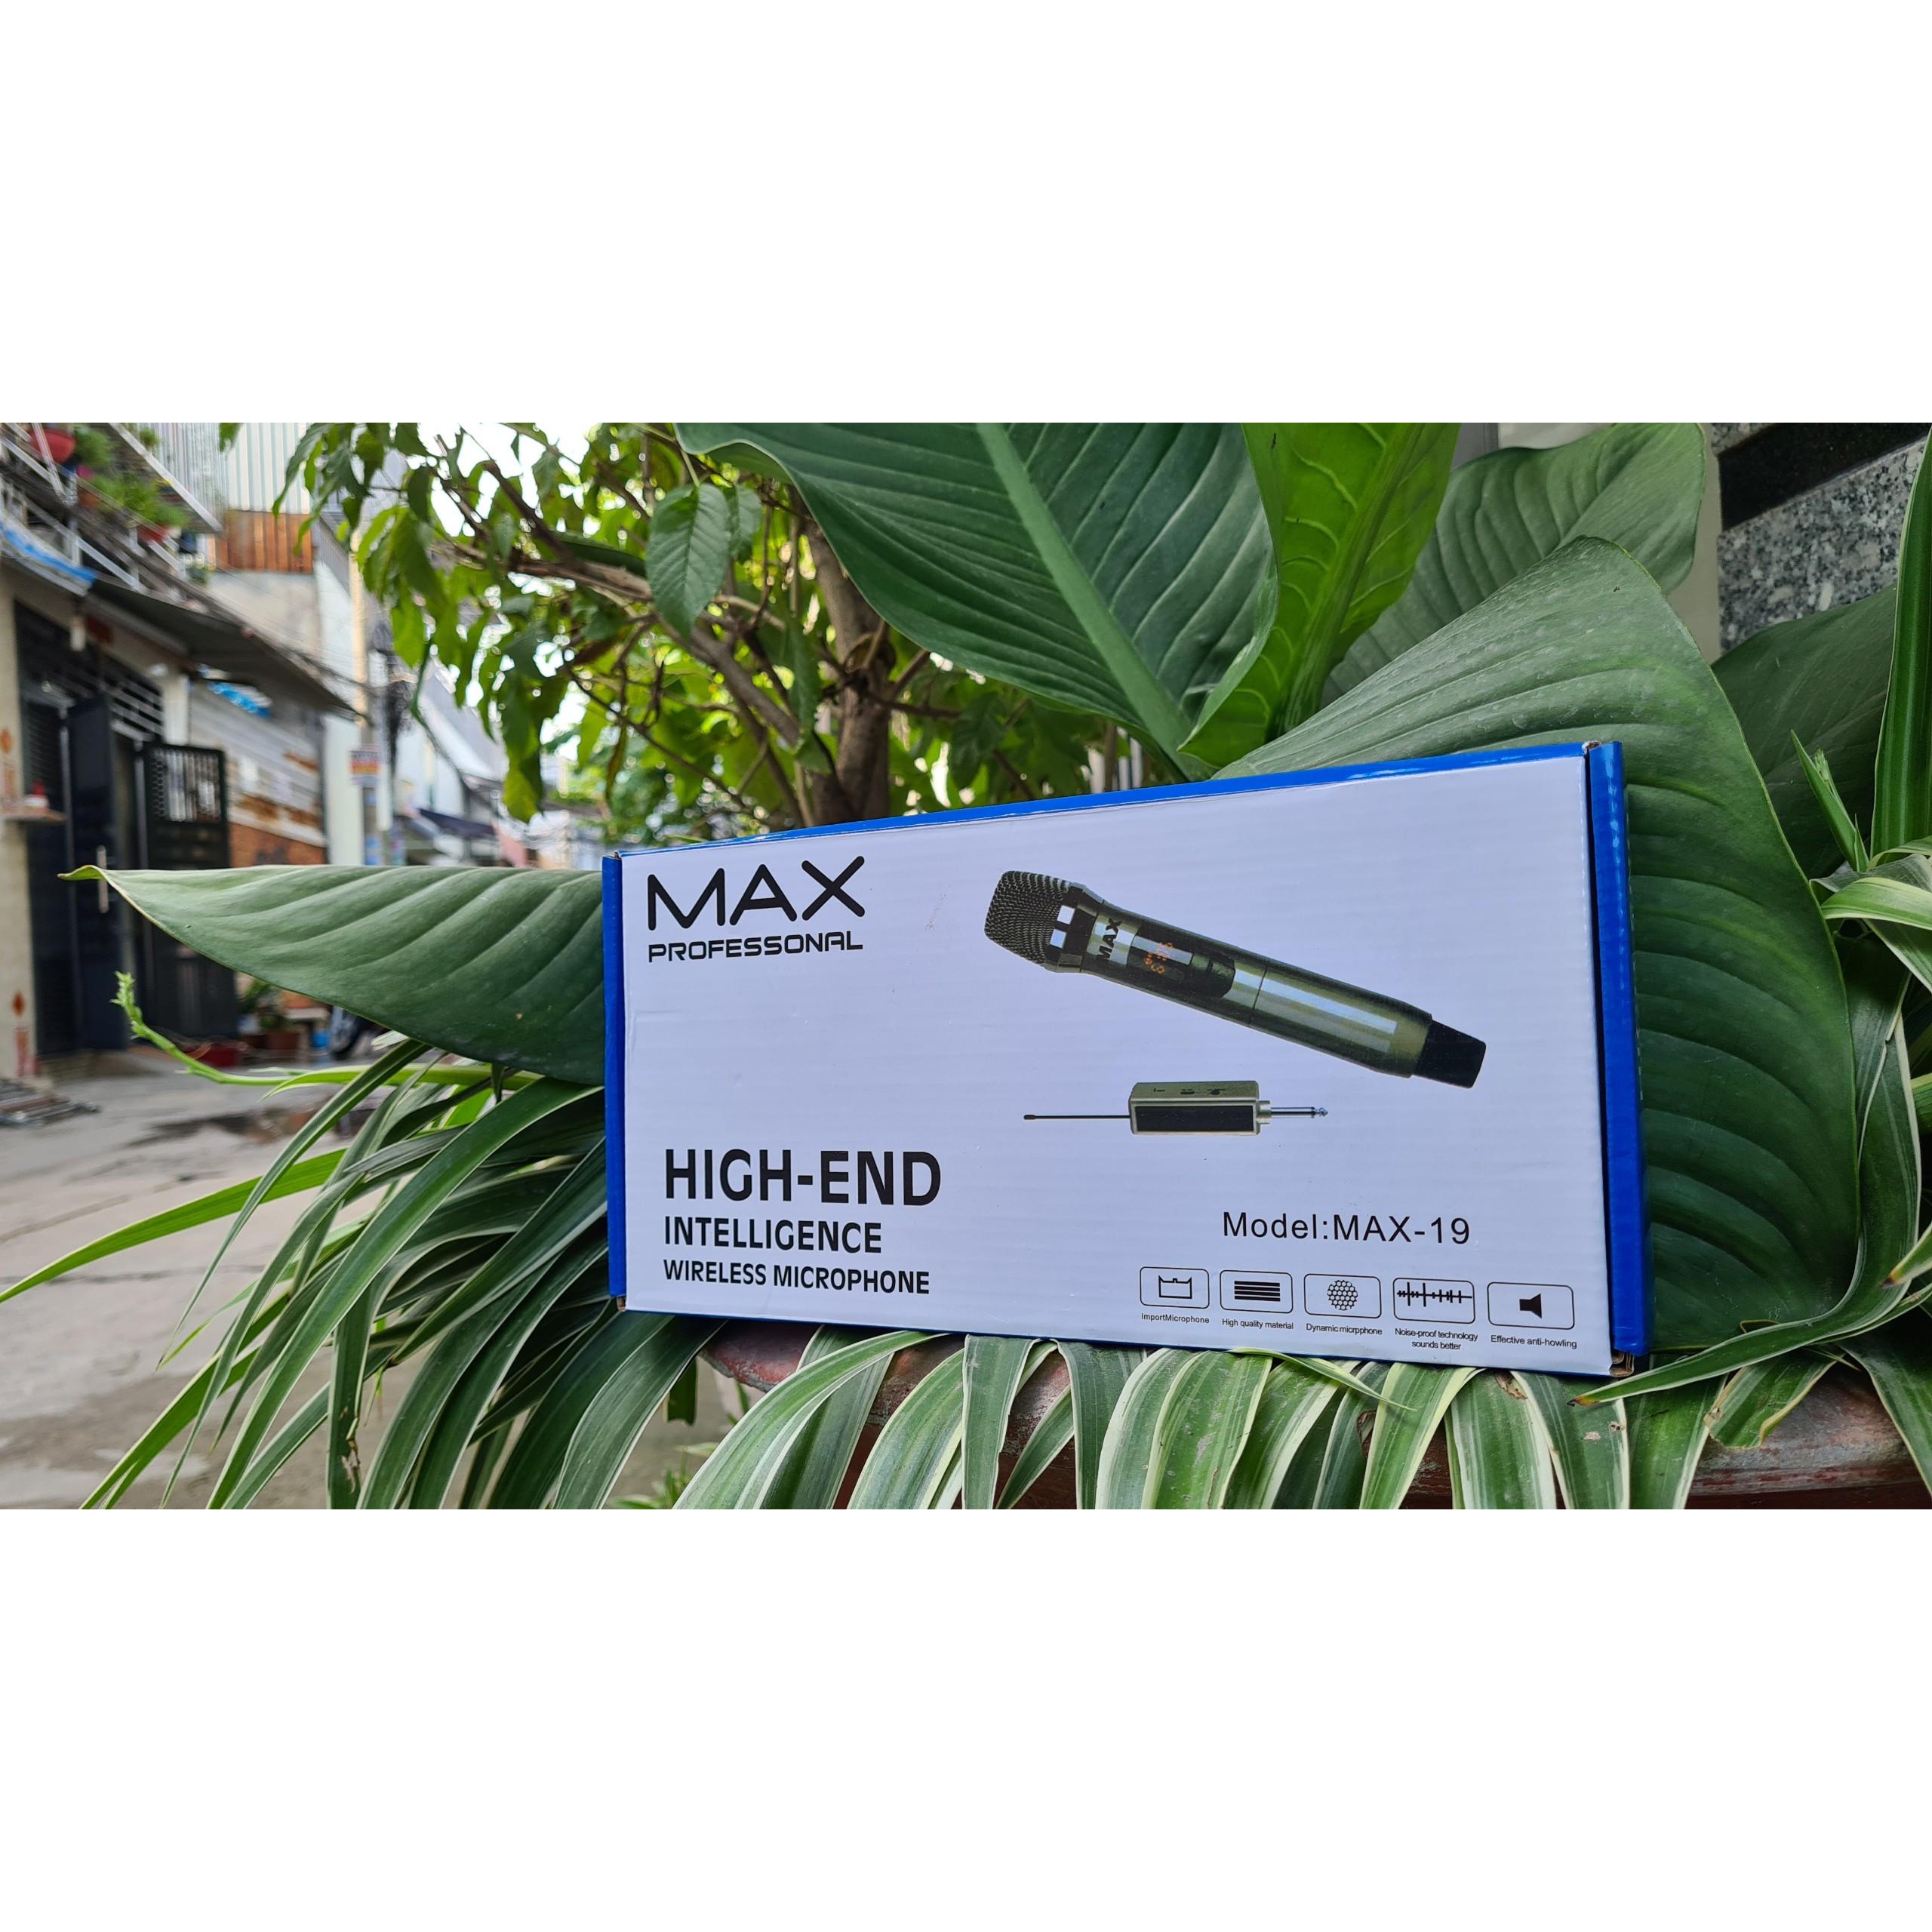 Micro không dây đa năng Max 39, Max 19 - Màn hình LCD hiển thị tần số - phù hợp cho mọi thiết bị - Hàng chính hãng